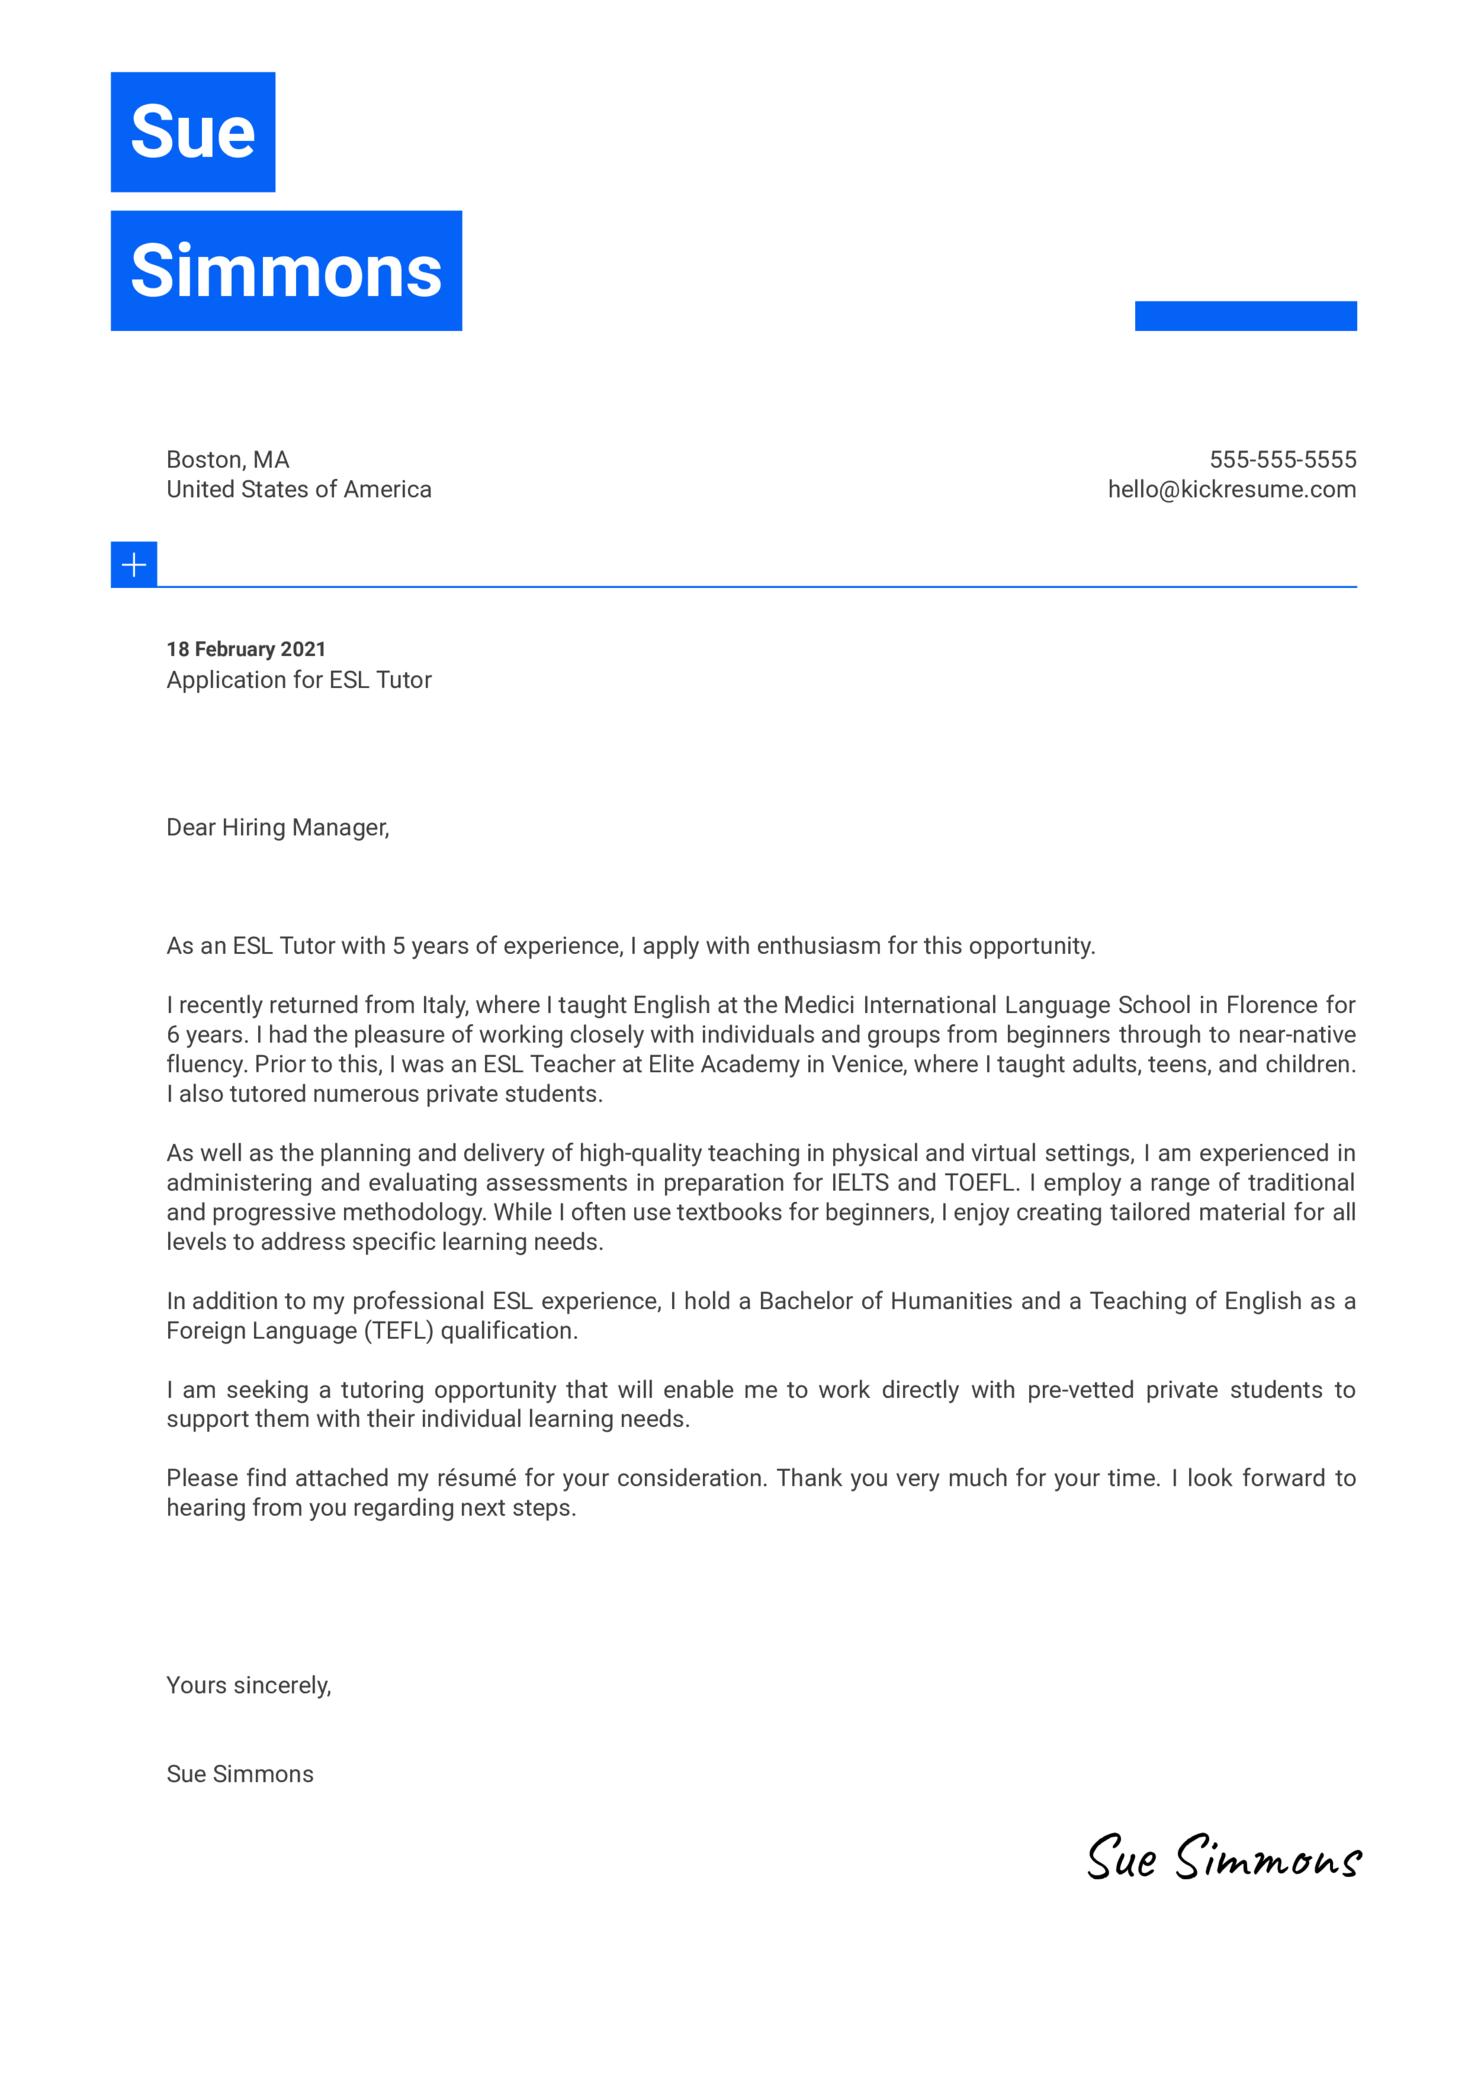 ESL Tutor Cover Letter Template